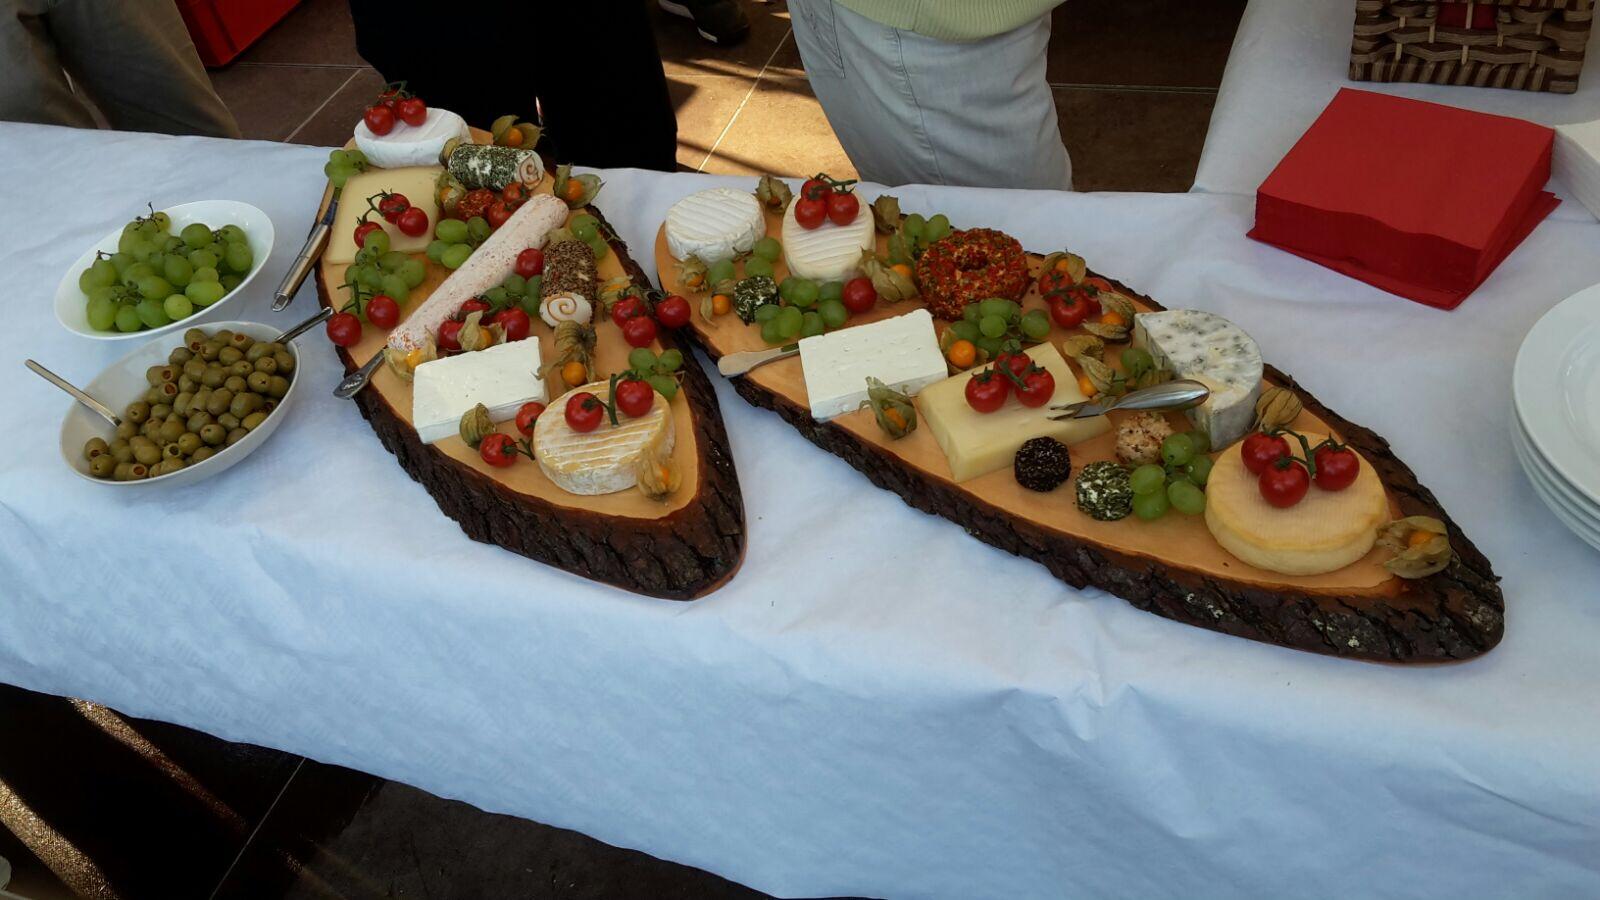 Käse darf beim Thema Frankreich natürlich nicht fehlen